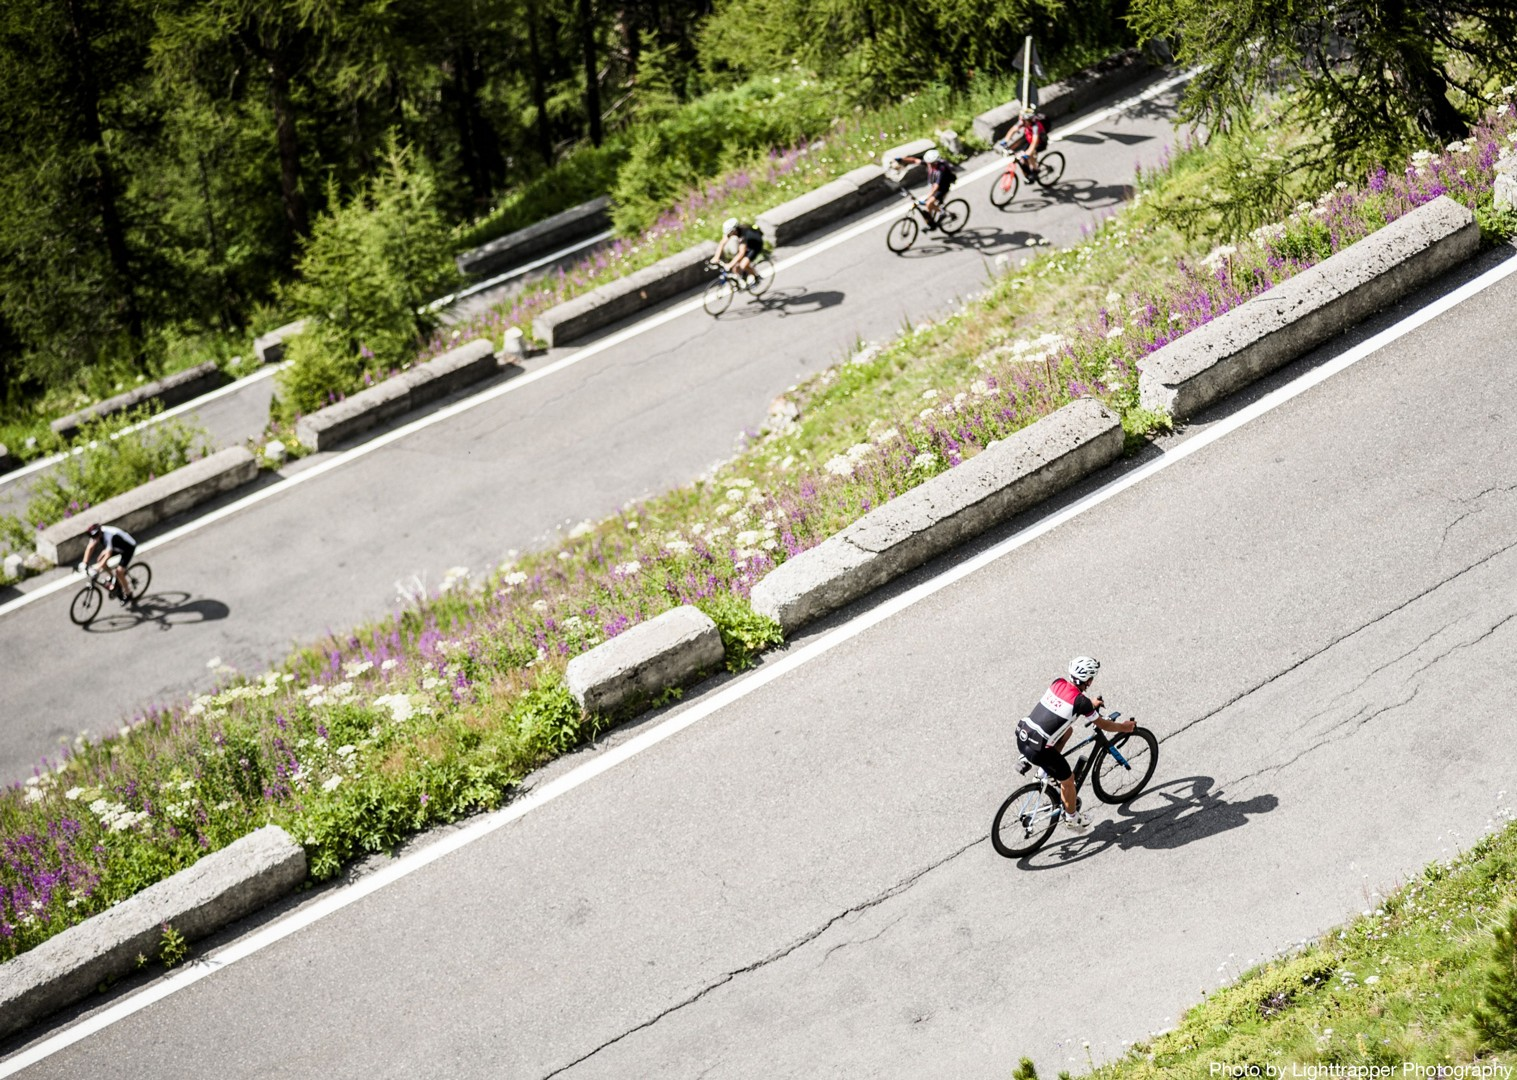 italian-alps-bergamo-guided-road-cycling-holiday.jpg - Italy - Italian Alps Introduction - Guided Road Cycling Holiday - Italia Road Cycling